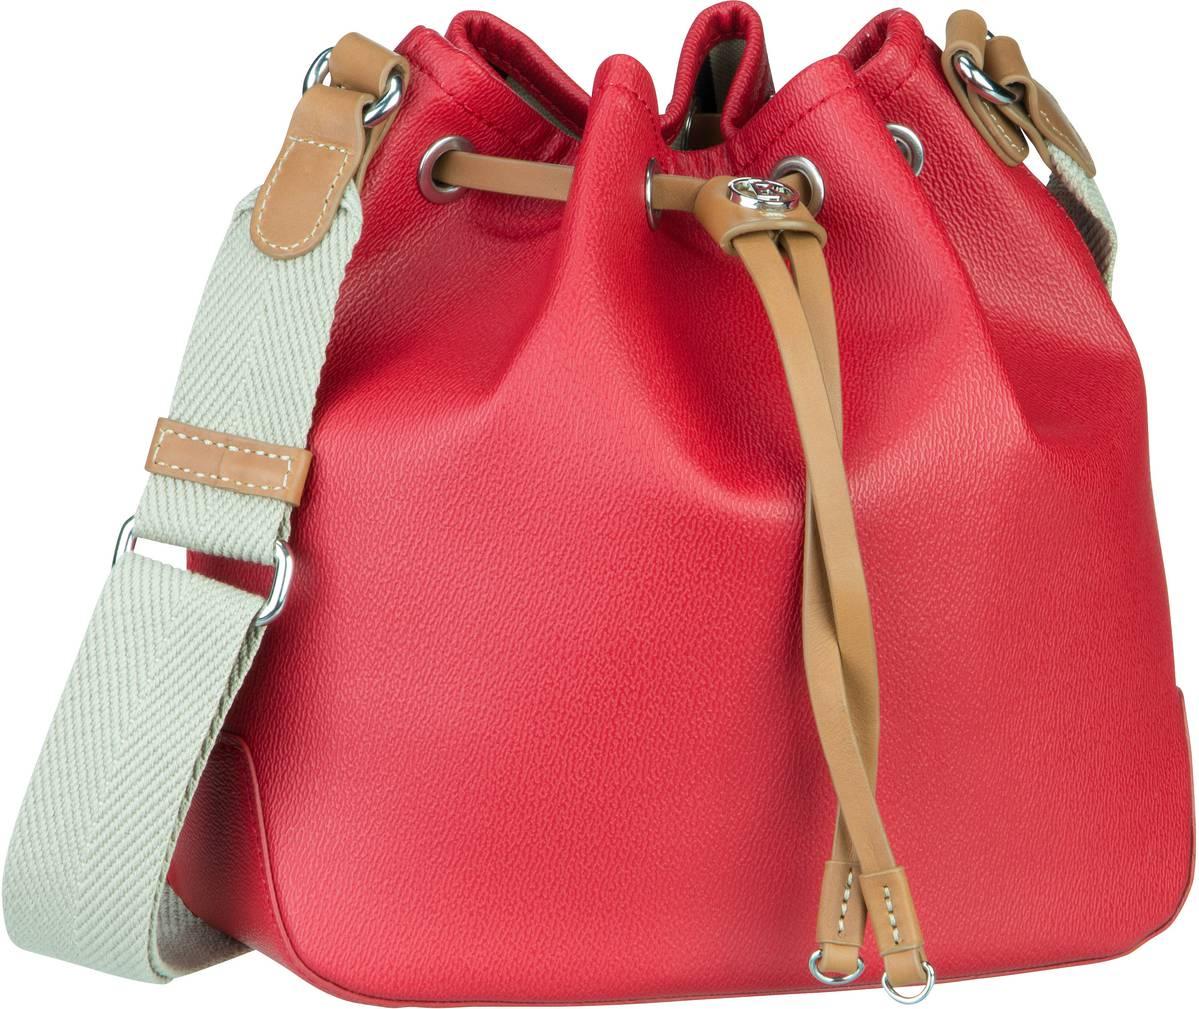 Handtaschen für Frauen - Bogner Long Island Lyla Peony Handtasche  - Onlineshop Taschenkaufhaus